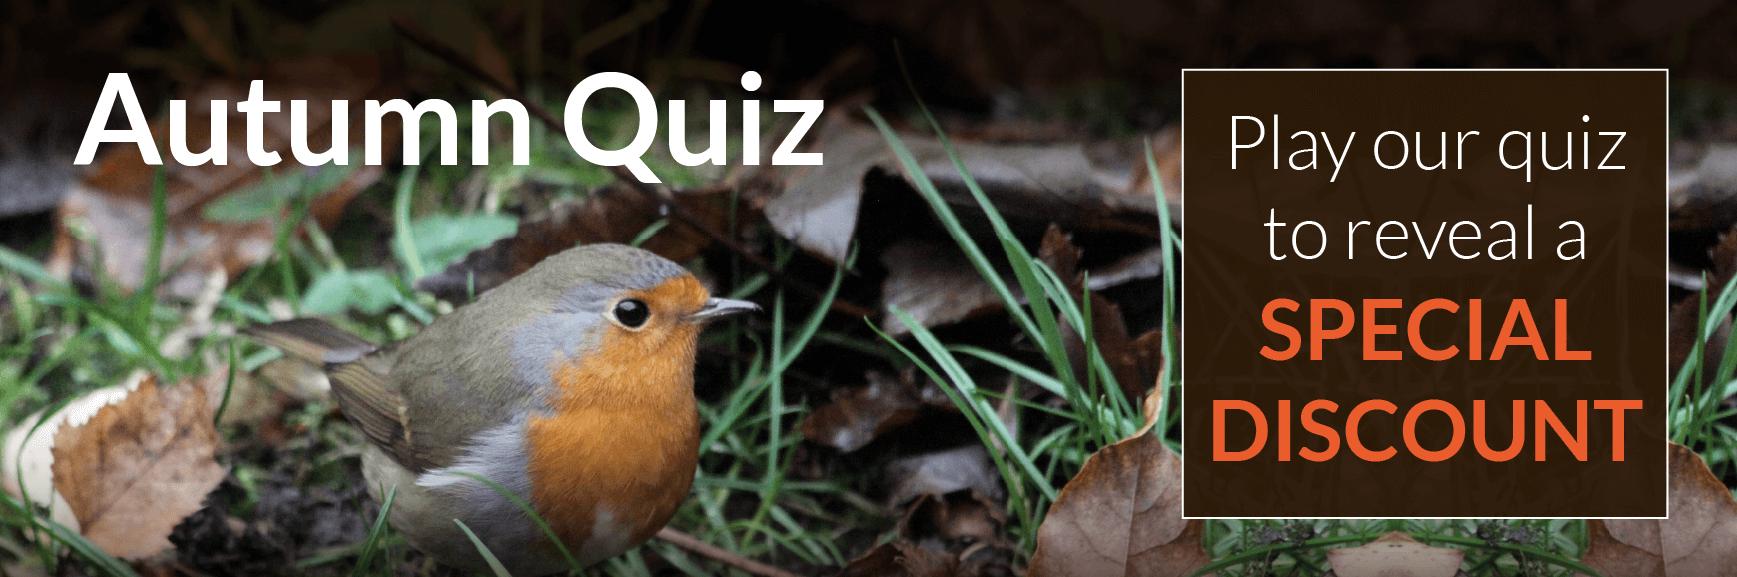 Autumn Quiz